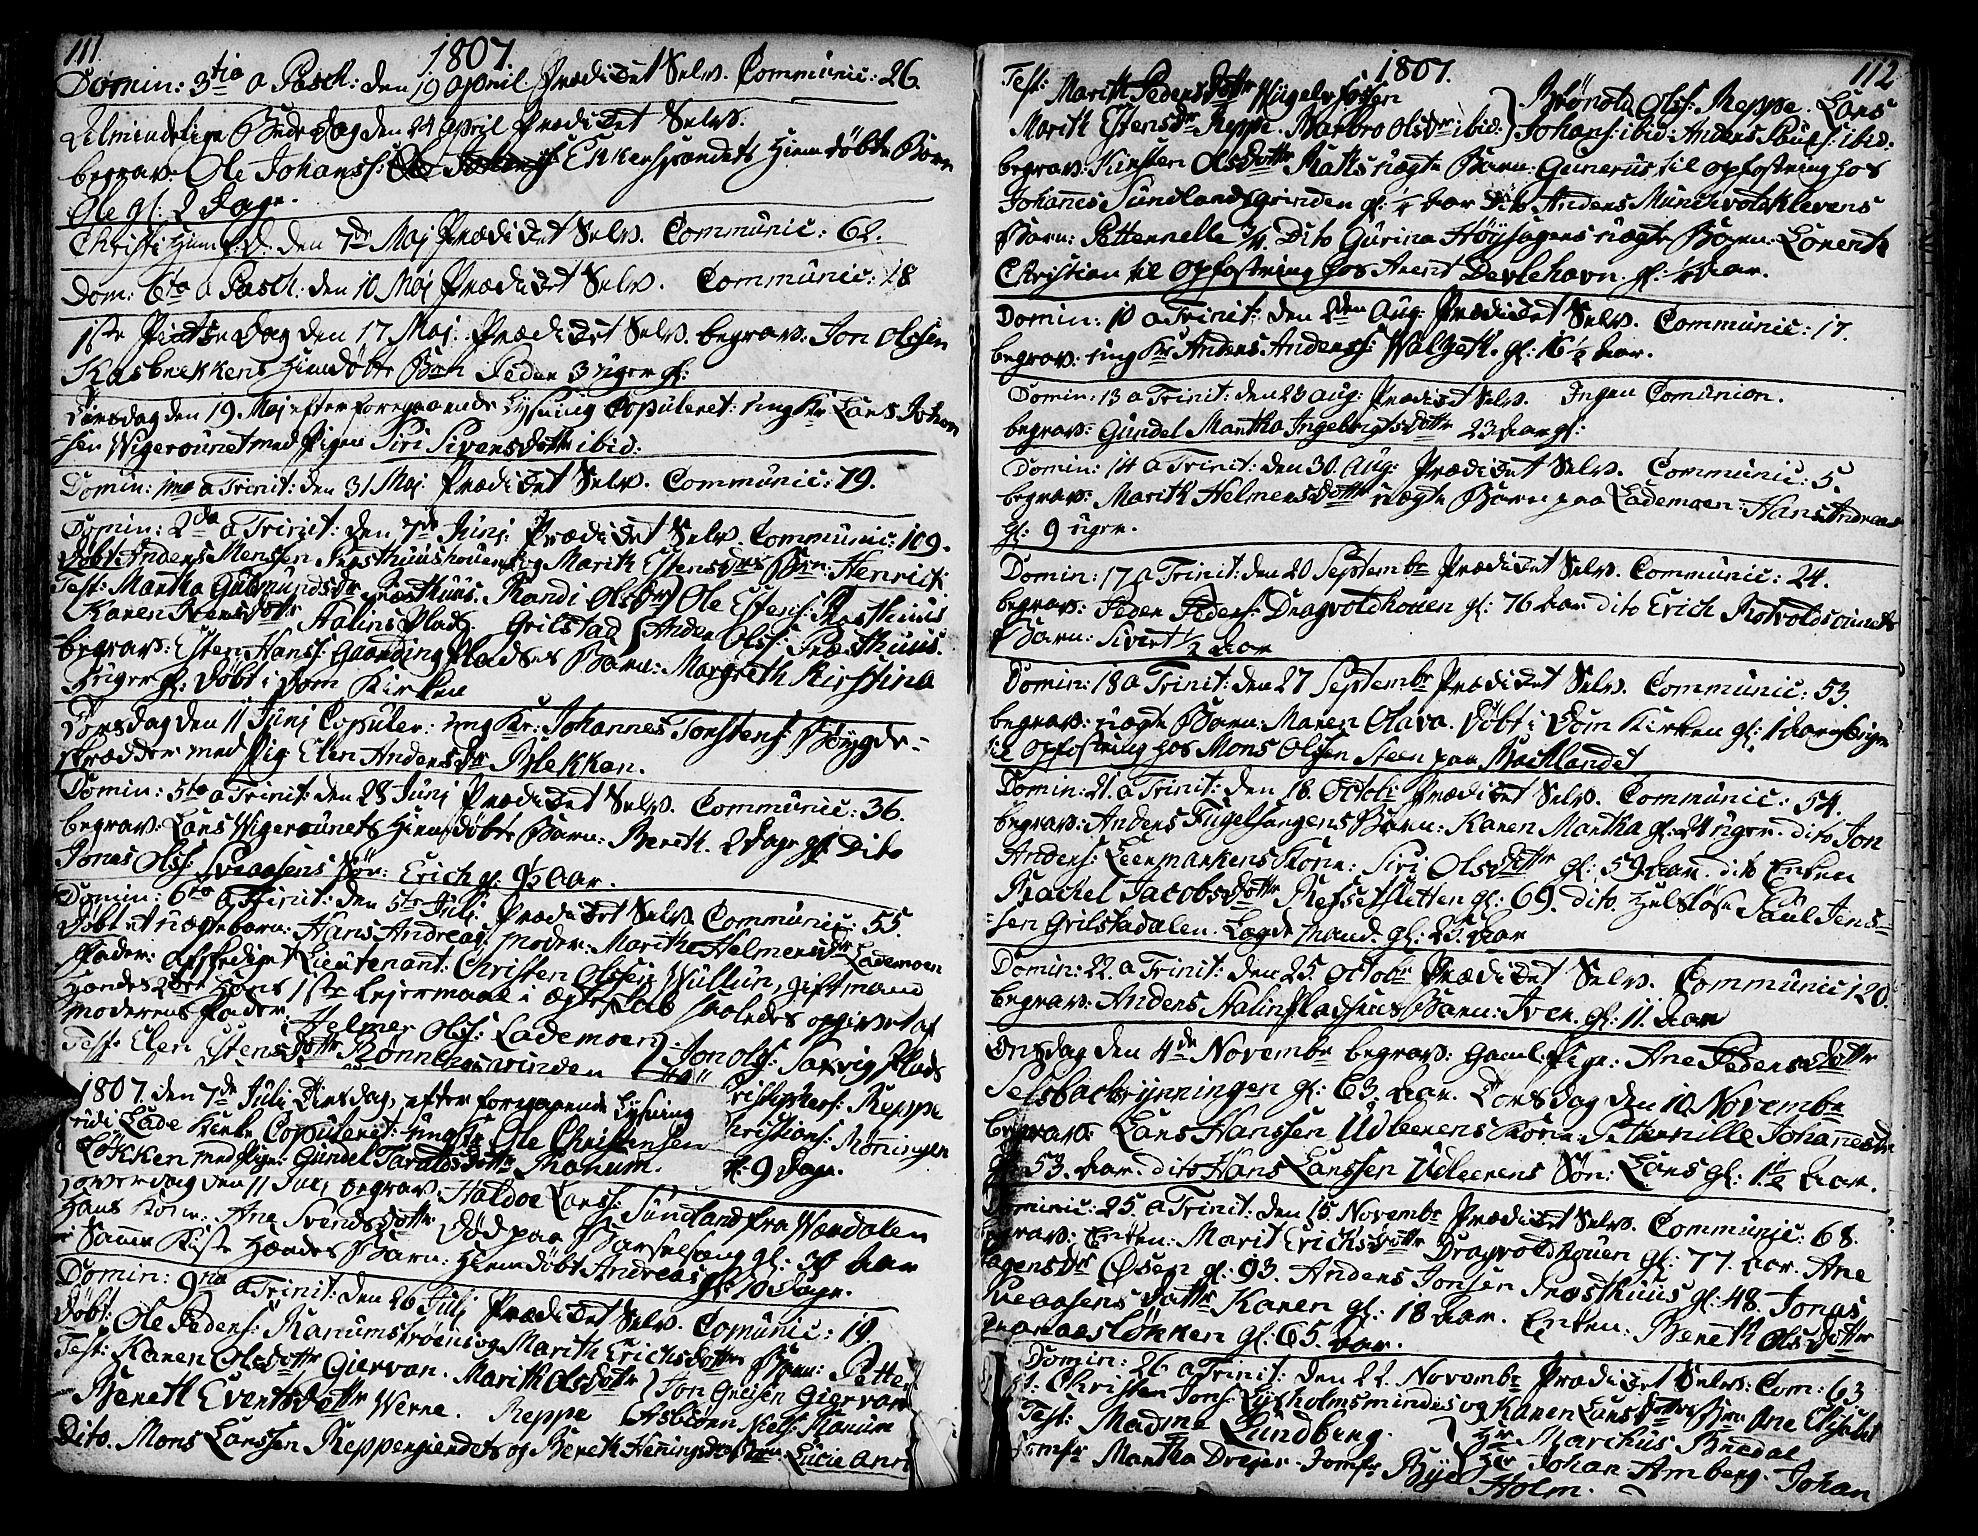 SAT, Ministerialprotokoller, klokkerbøker og fødselsregistre - Sør-Trøndelag, 606/L0280: Ministerialbok nr. 606A02 /1, 1781-1817, s. 111-112